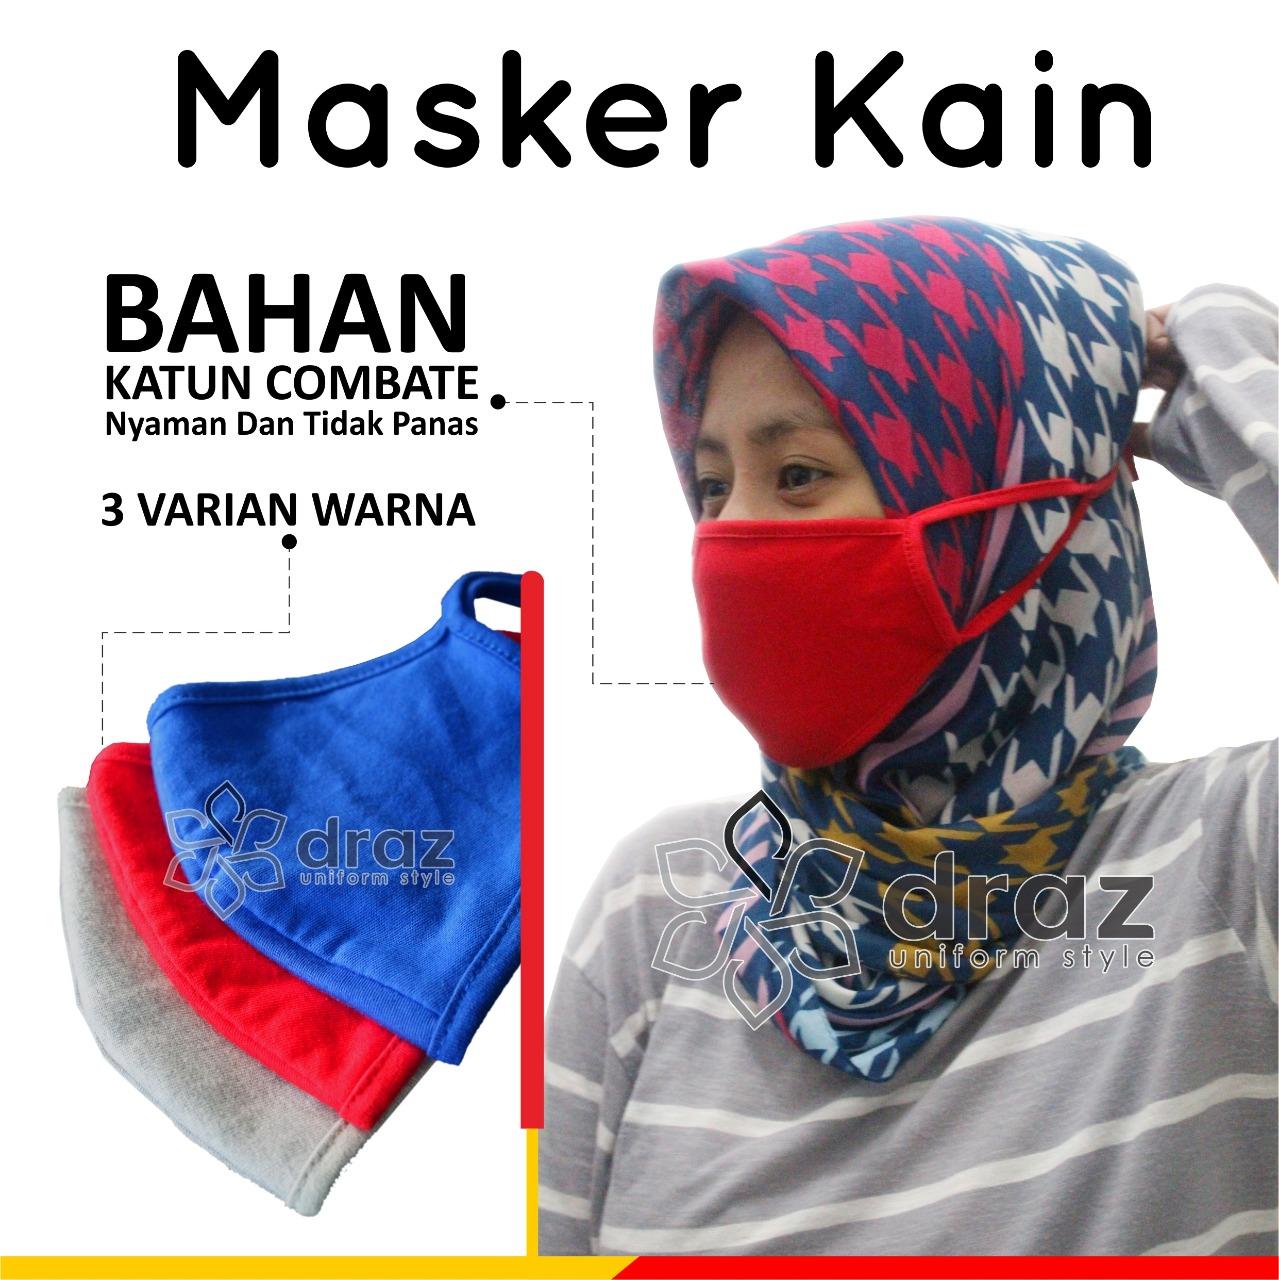 Masker Kain 3 warna